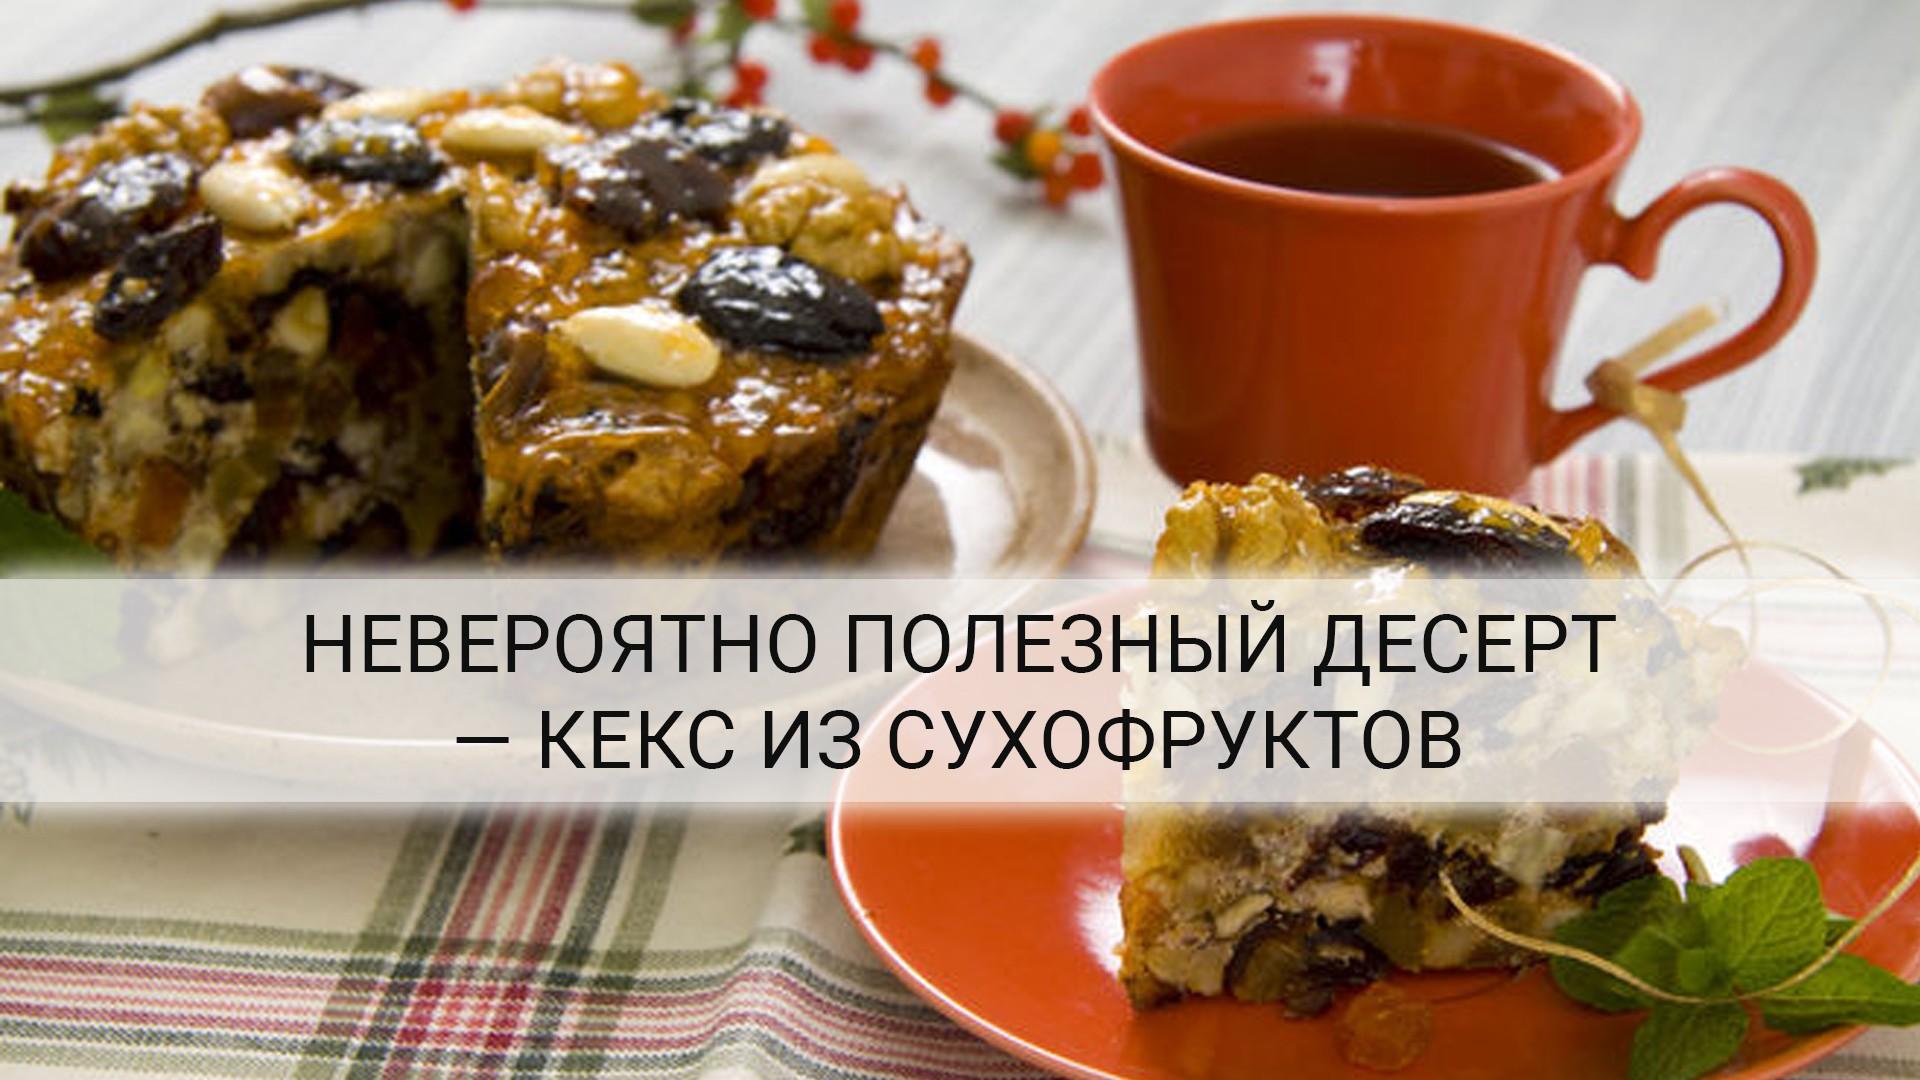 Приготовить вкусный и полезный кекс